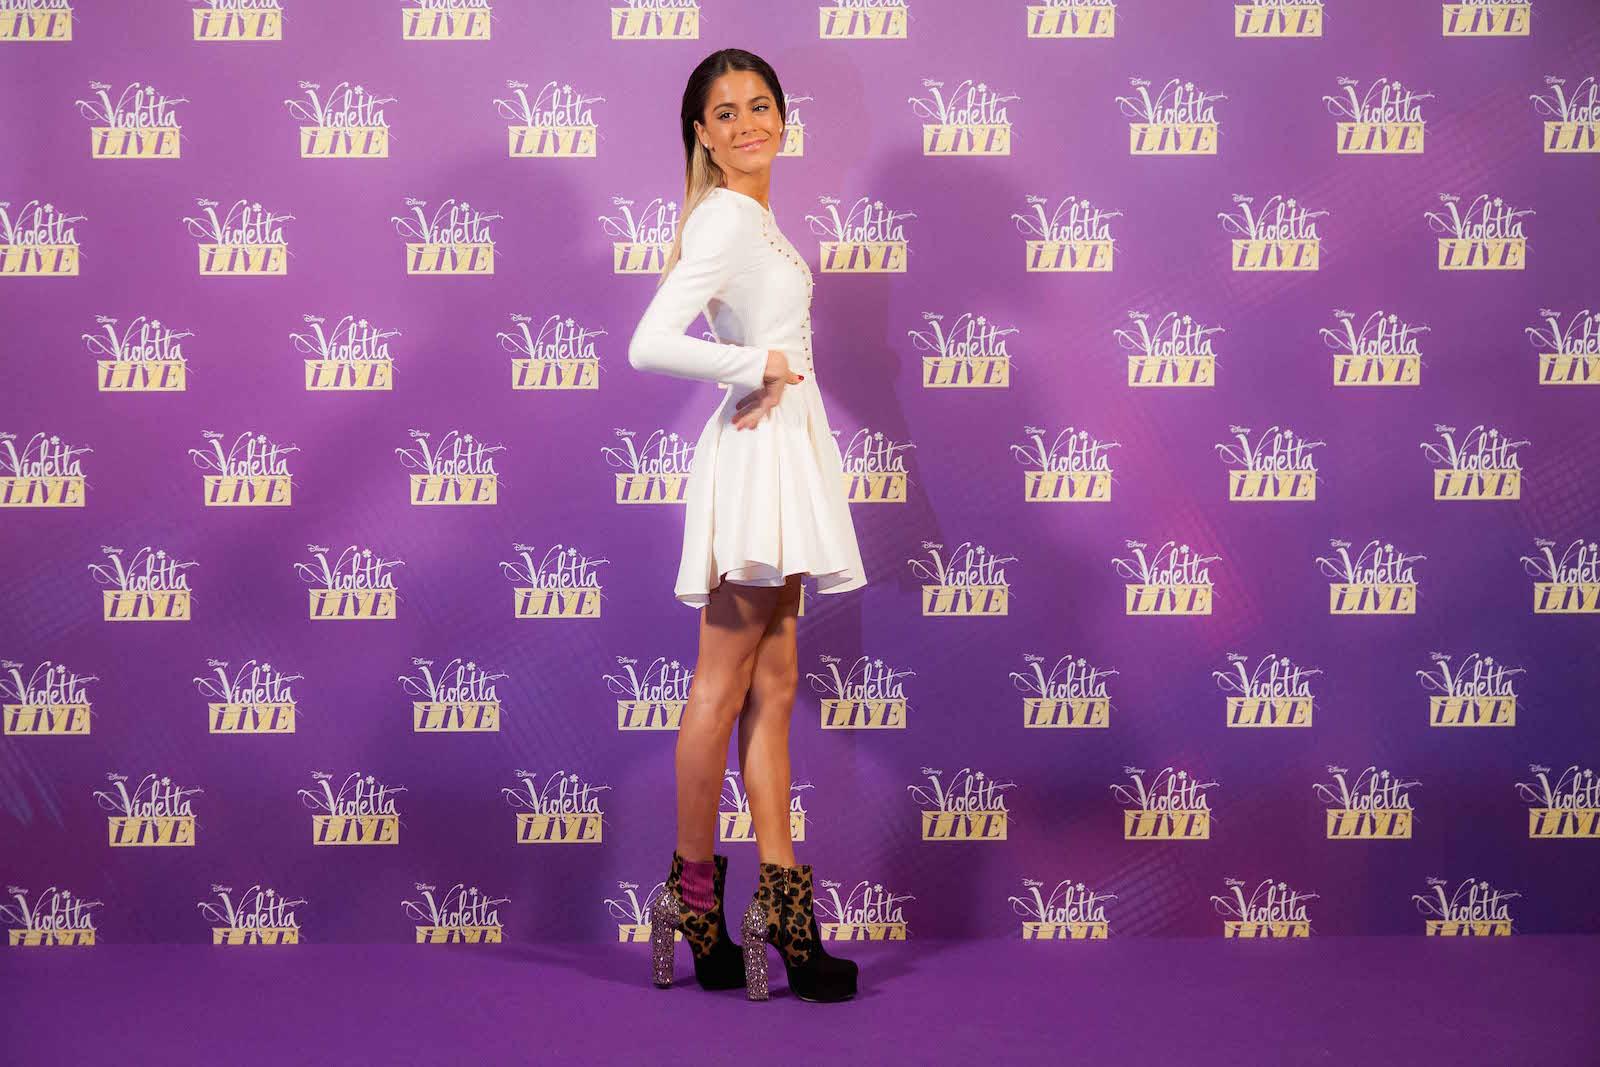 Violetta: Martina Stoessel in posa al photocall milanese